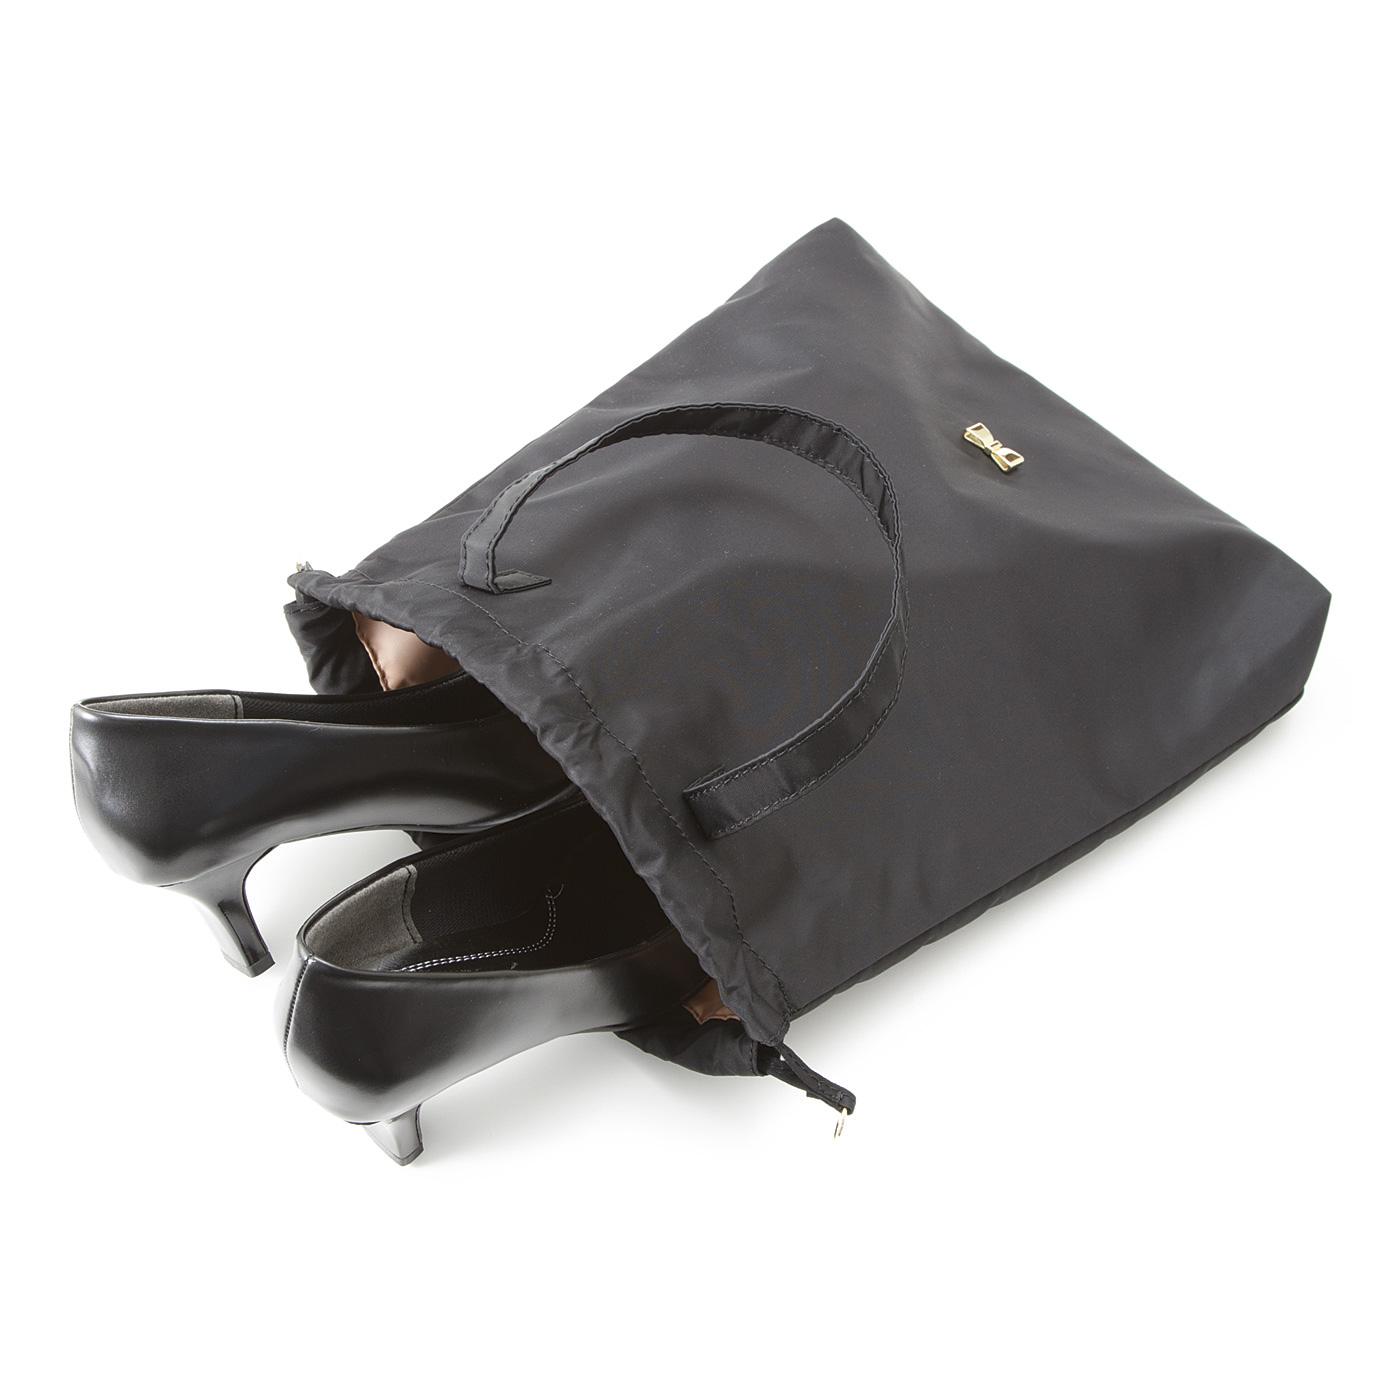 きんちゃくはバッグと同じ素材で、スリッパや外靴をきちんと収納できます。